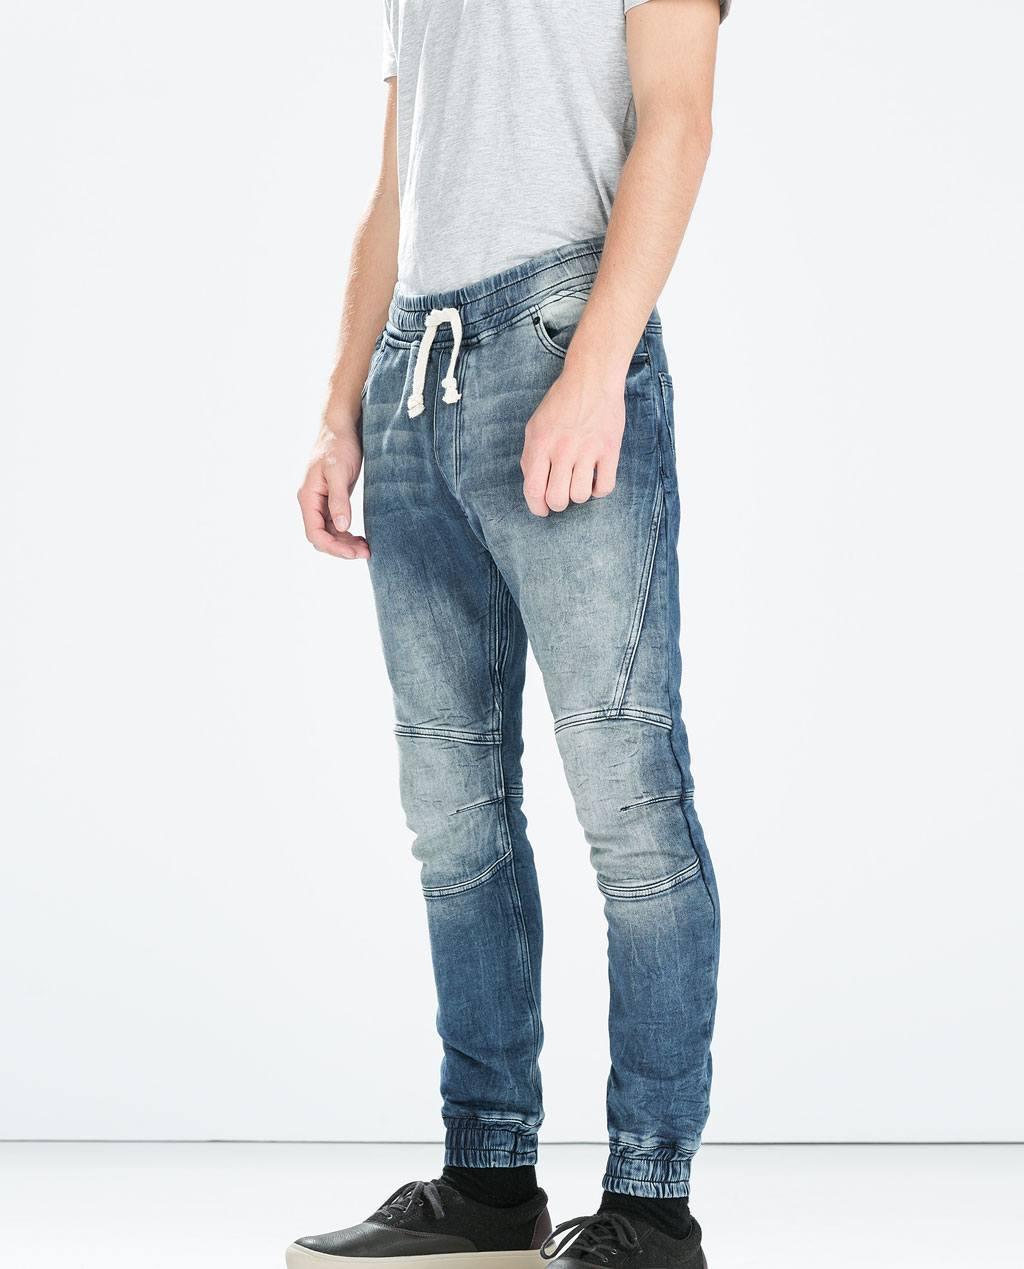 moda-pantalones-y-jeans-vaqueros-hombre-otono-invierno-2014-2015-tendencias-modelo-baggy-zara